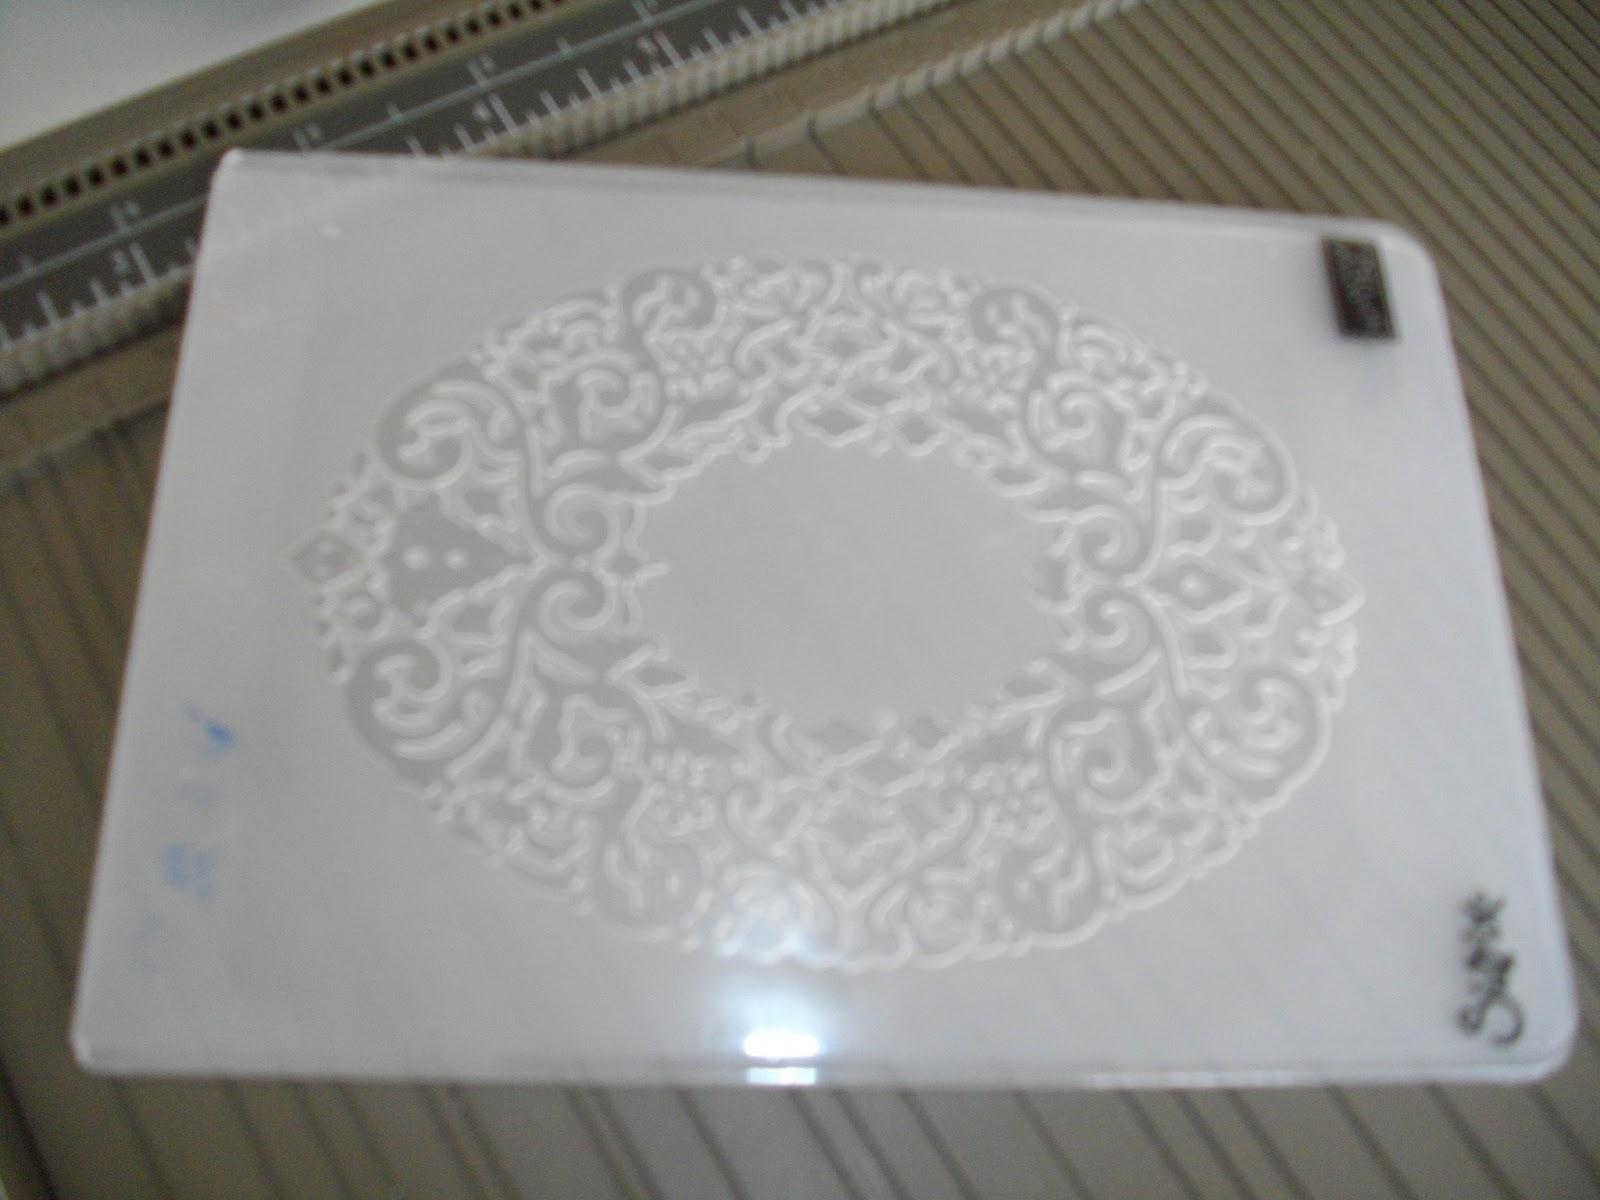 Matériel pour réaliser ces faire part! Papier cartonné murmure blanc. Enveloppe C6 murmure blanc. Plioir à gaufrage couronne de lavent (vendu dans le